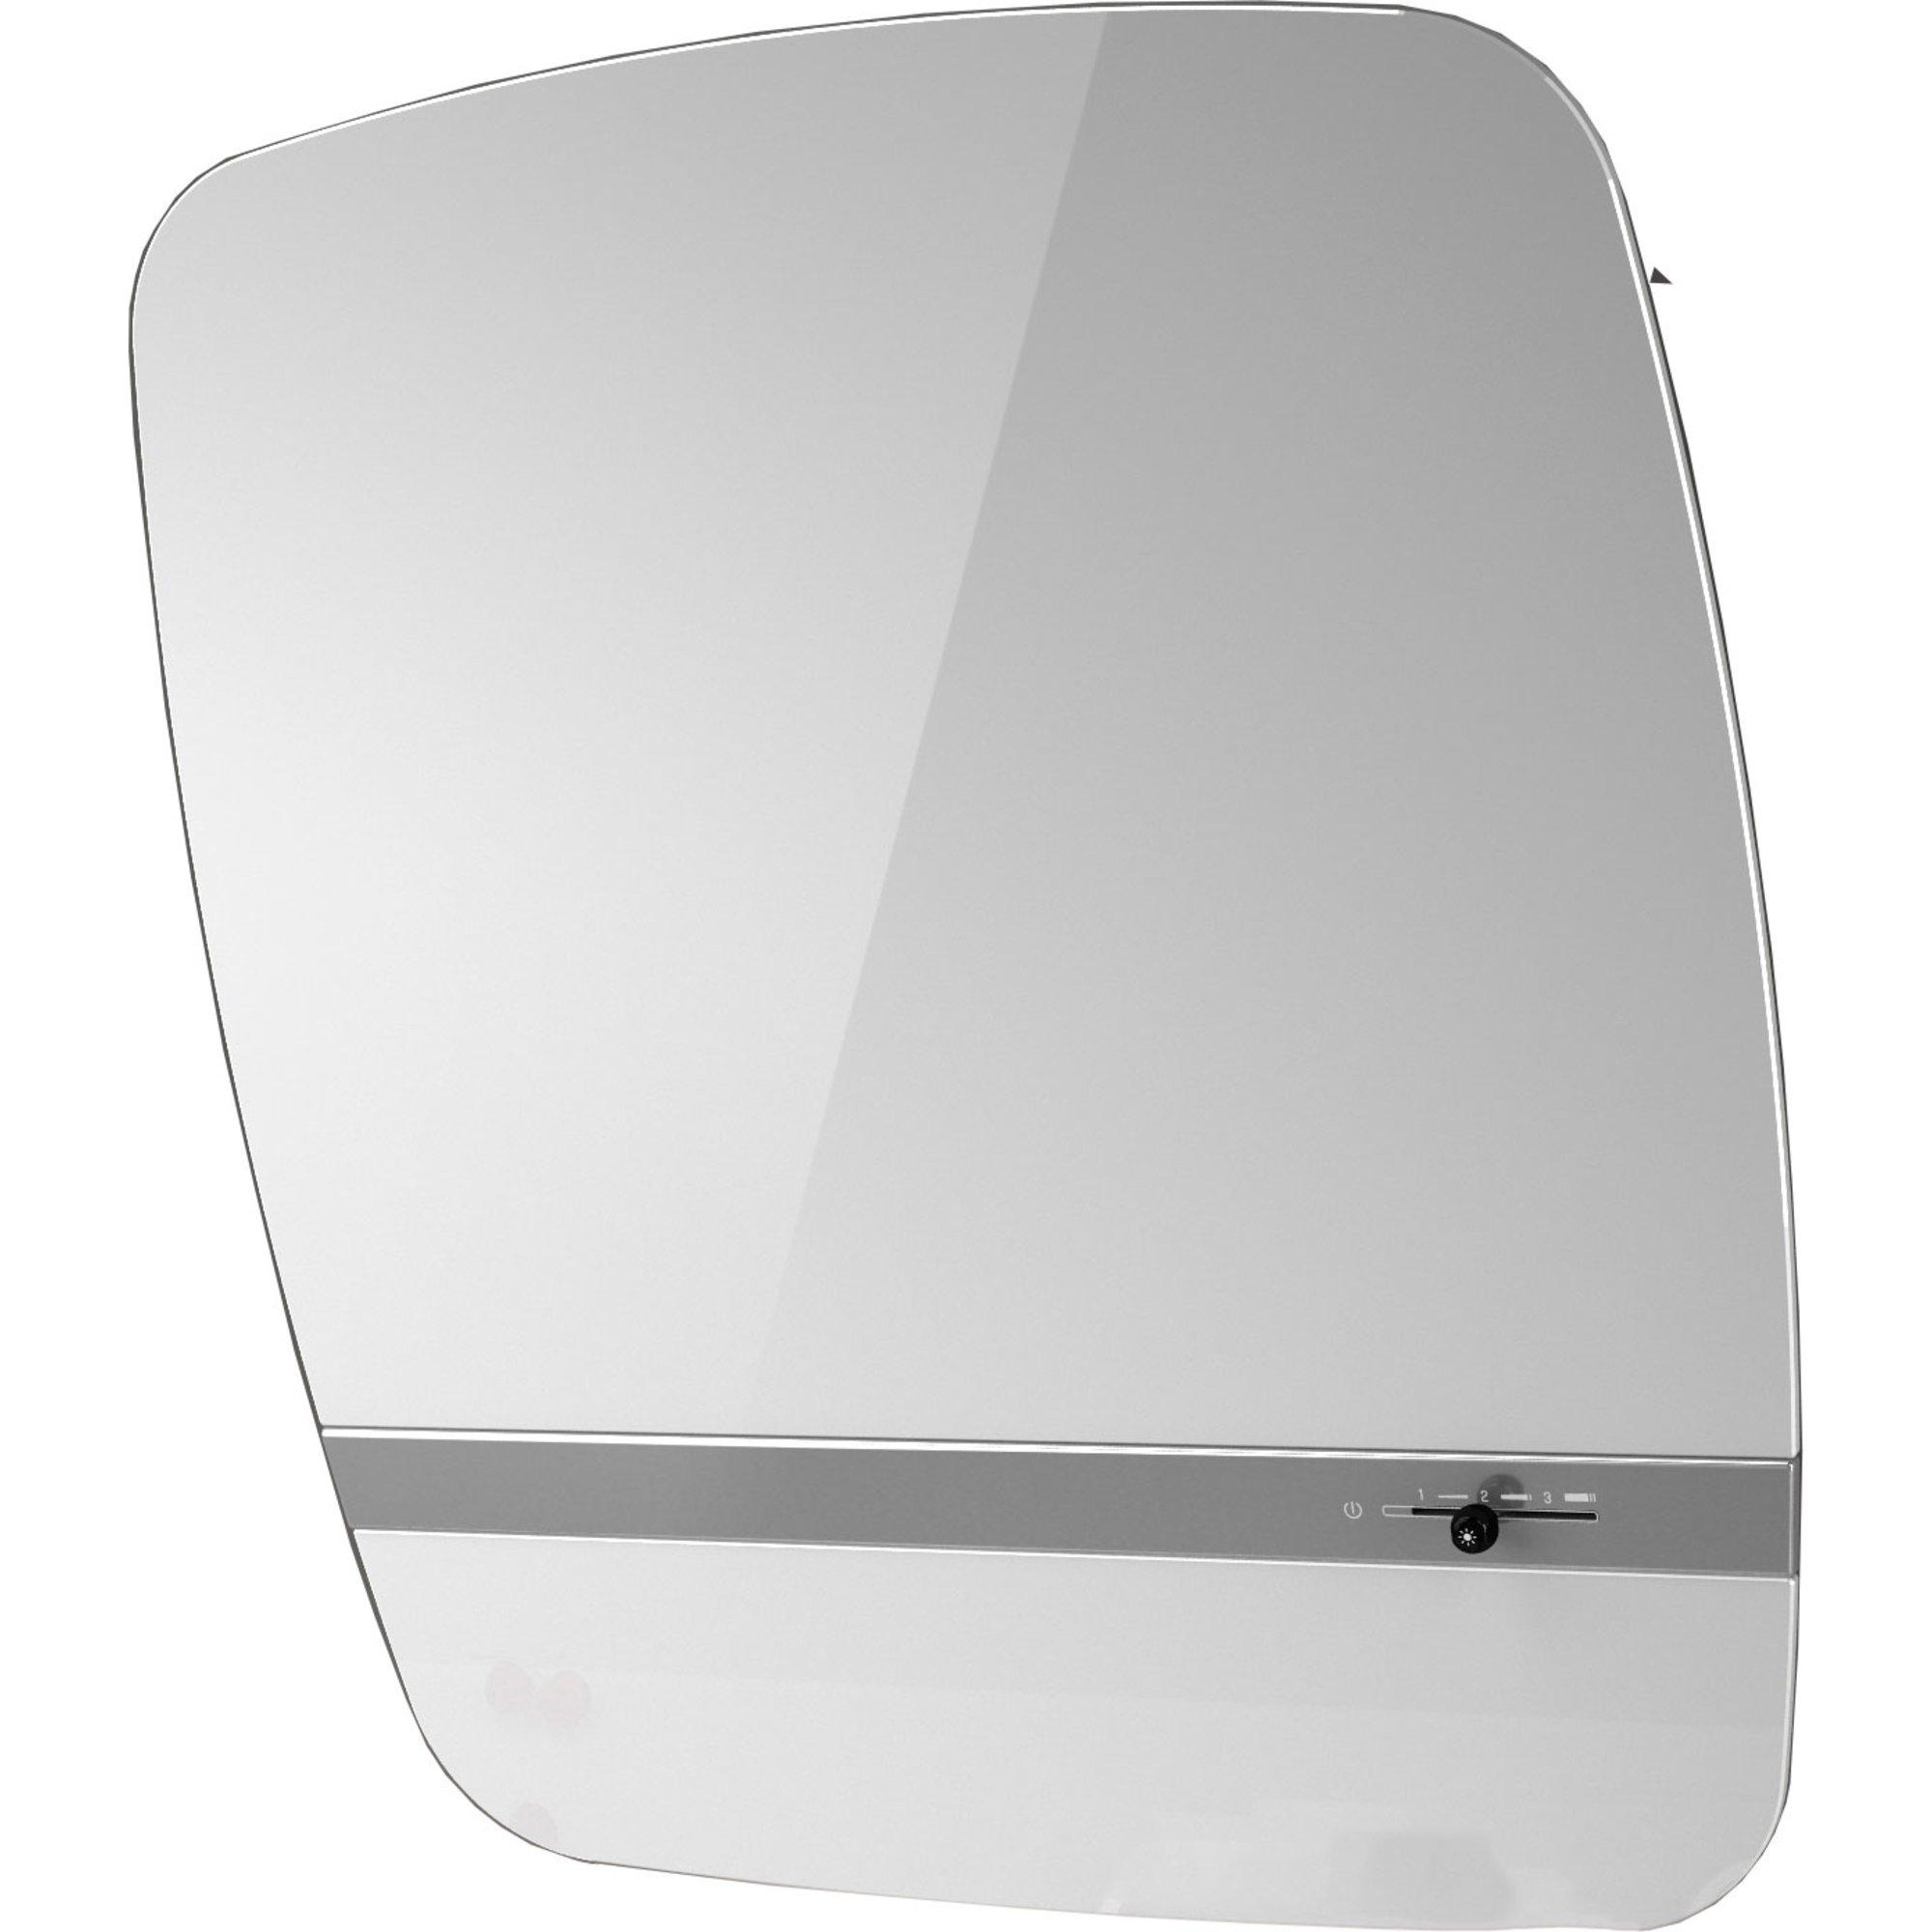 Witt 55-2 Vision väggfläkt vit